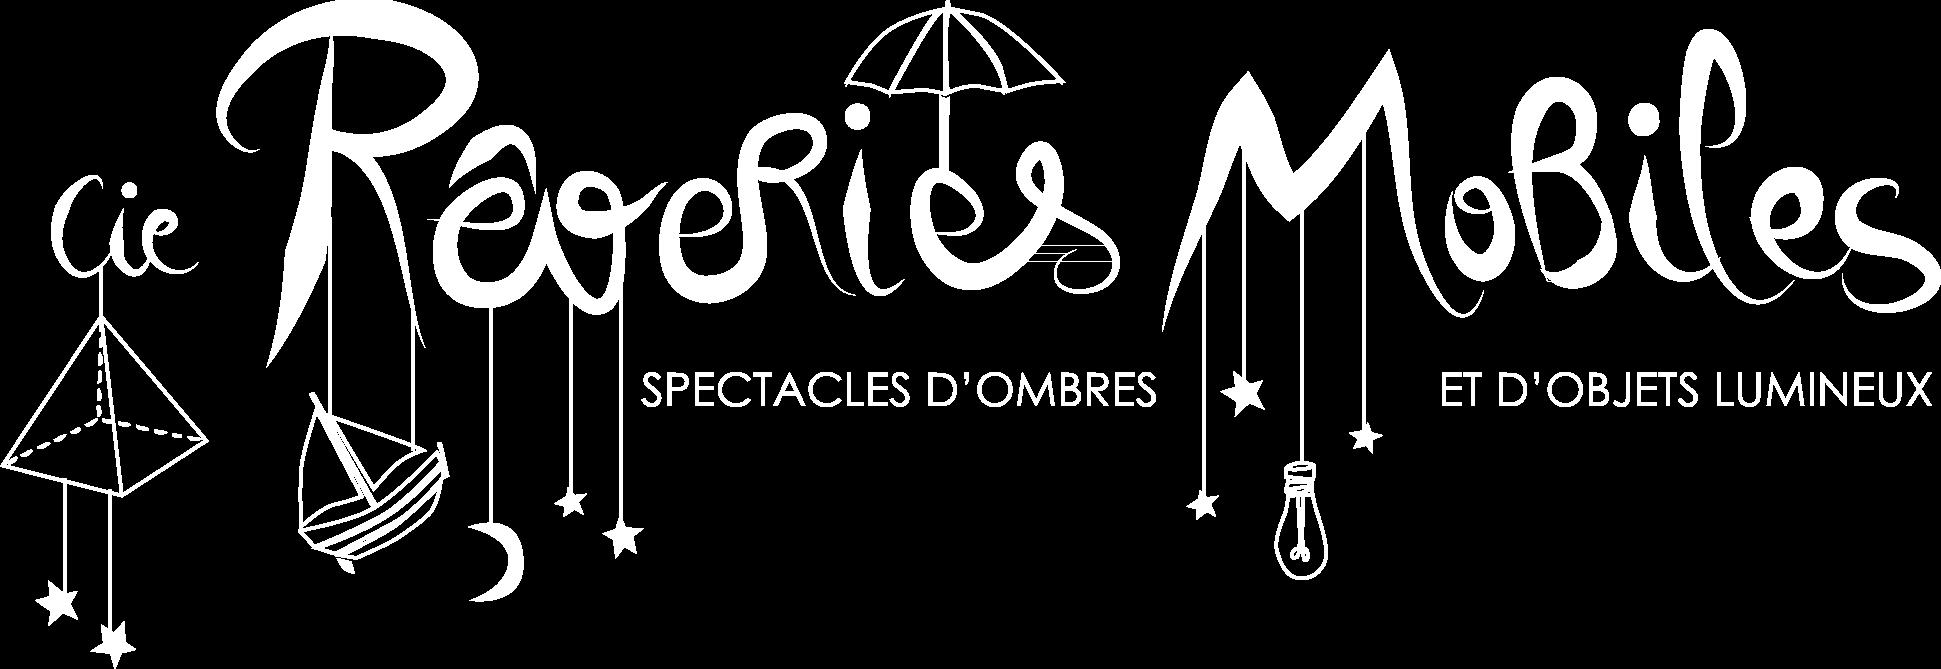 CIE REVERIES MOBILES